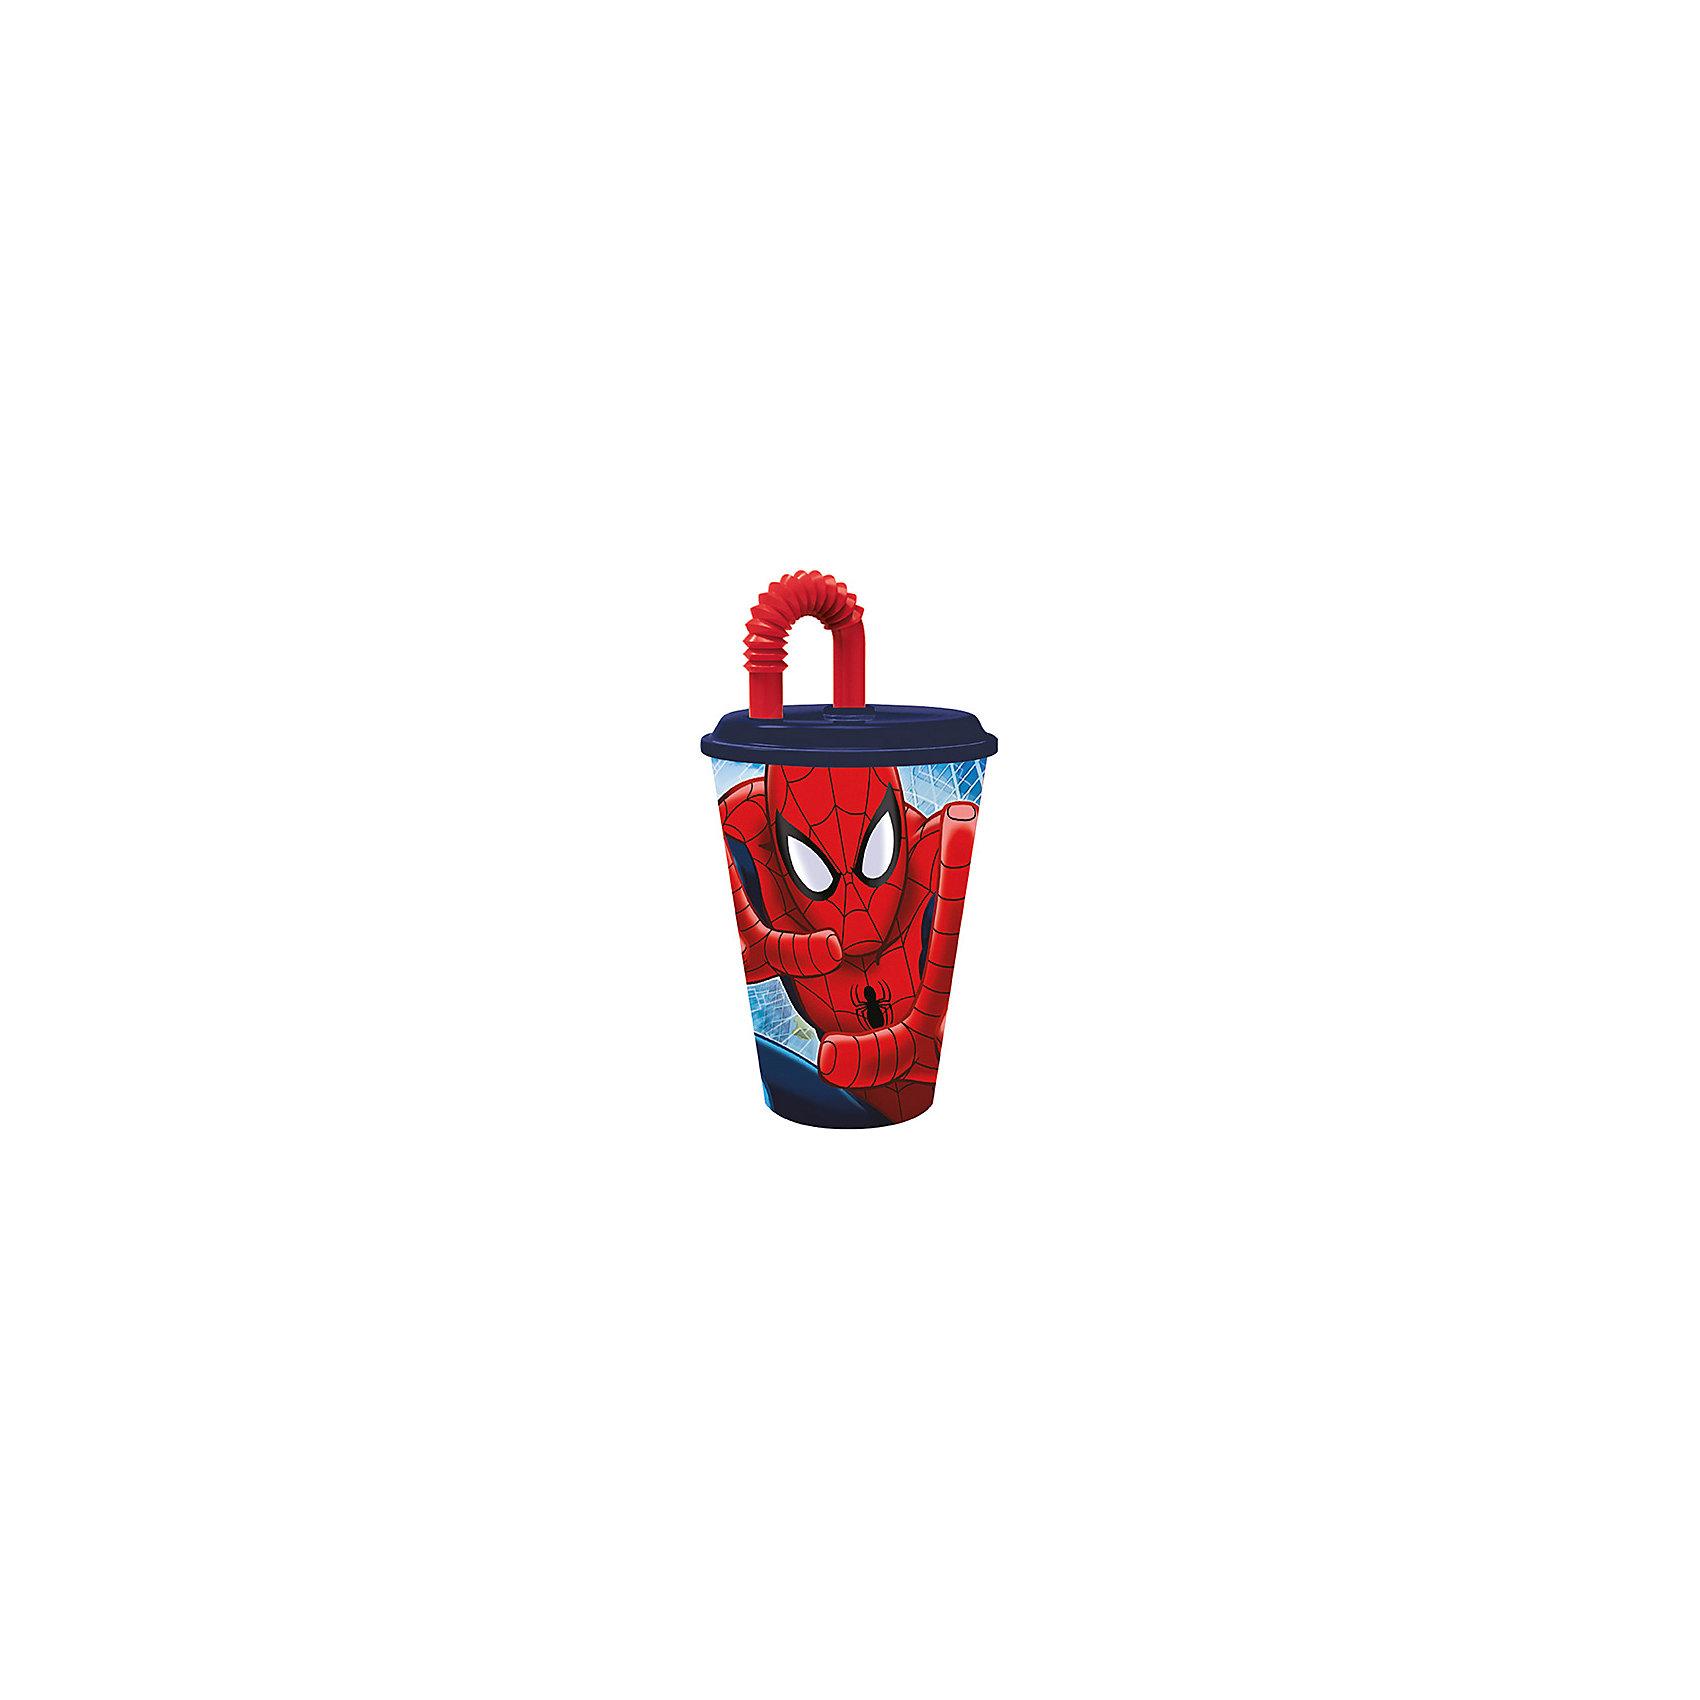 Бокал с крышкой и трубочкой  Человек-Паук 450мл., DisneyБокал с крышкой и трубочкой  Человек-Паук 450мл., Disney.<br><br>Характеристики:<br><br>• Объем: 450 мл.<br>• Материал: пищевой пластик<br><br>Бокал с крышкой и гофрированной трубочкой, украшенный 3Д изображением Человека-Паука, хорошее решение для детей, которые предпочитают активный образ жизни. Он достаточно объёмный и пить и него можно даже во время ходьбы или катания на велосипеде, не проливая ни капли жидкости. На крышке изделия предусмотрено специальное отверстие, в которое можно убрать кончик трубочки, чтобы на него не попала грязь. Бокал изготовлен из высококачественного пищевого пластика абсолютно безопасного для детей.<br><br>Бокал с крышкой и трубочкой  Человек-Паук 450мл., Disney можно купить в нашем интернет-магазине.<br><br>Ширина мм: 100<br>Глубина мм: 100<br>Высота мм: 180<br>Вес г: 75<br>Возраст от месяцев: 36<br>Возраст до месяцев: 2147483647<br>Пол: Унисекс<br>Возраст: Детский<br>SKU: 5480553